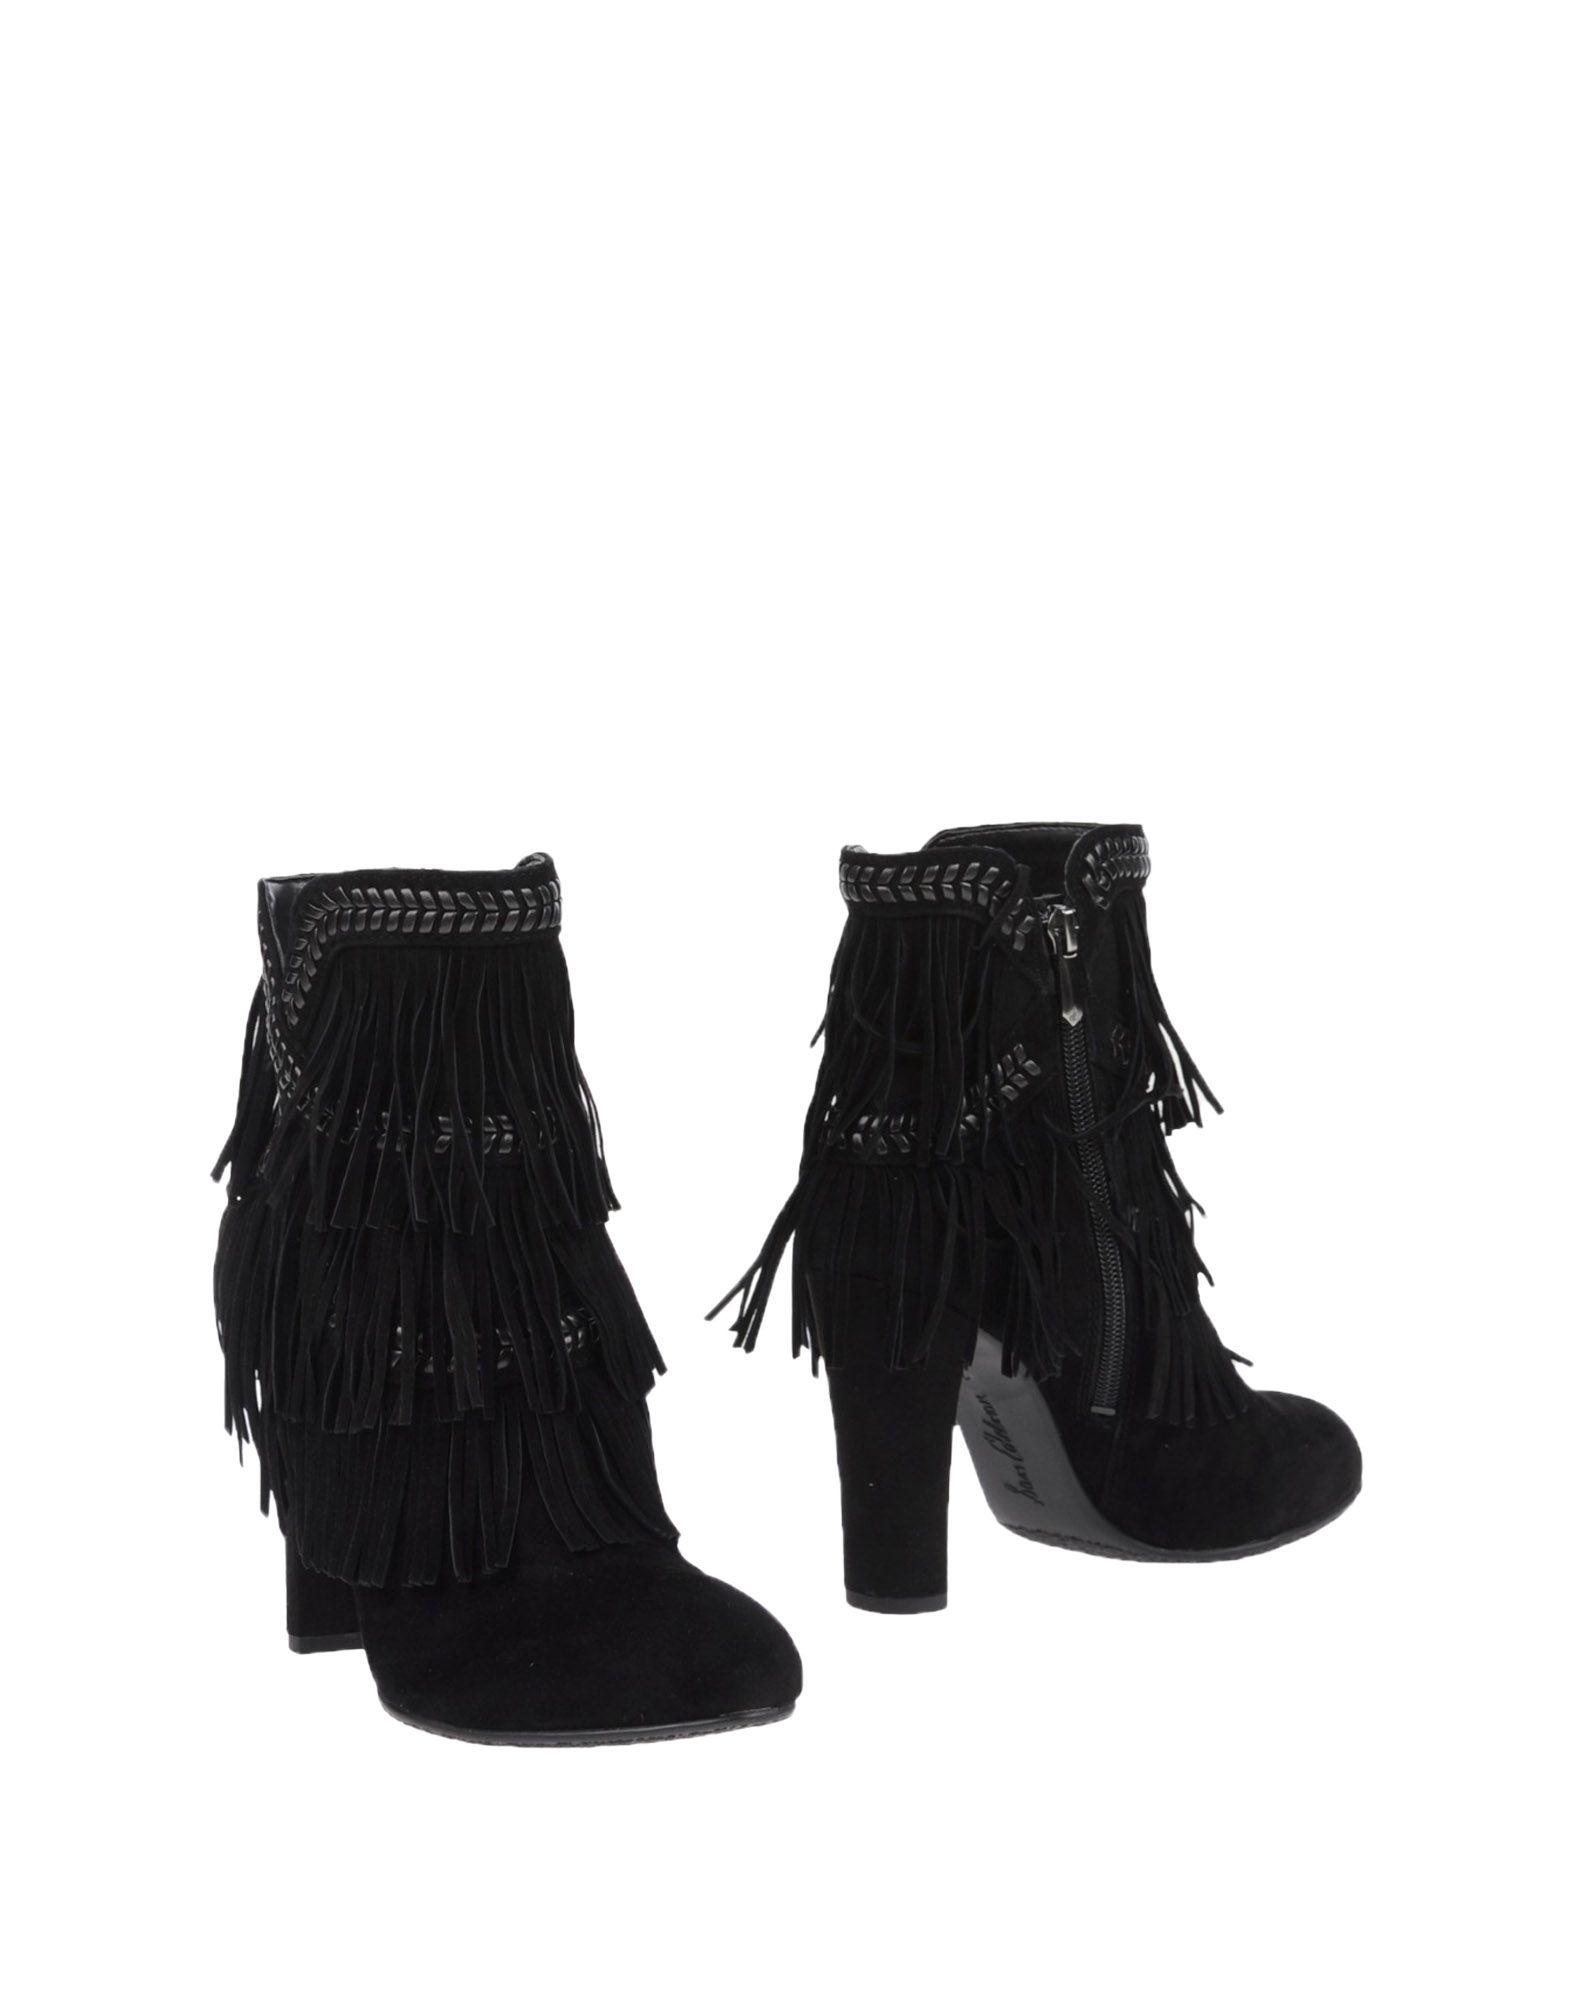 Sam Edelman Stiefelette Damen  11224137CCGut aussehende strapazierfähige Schuhe